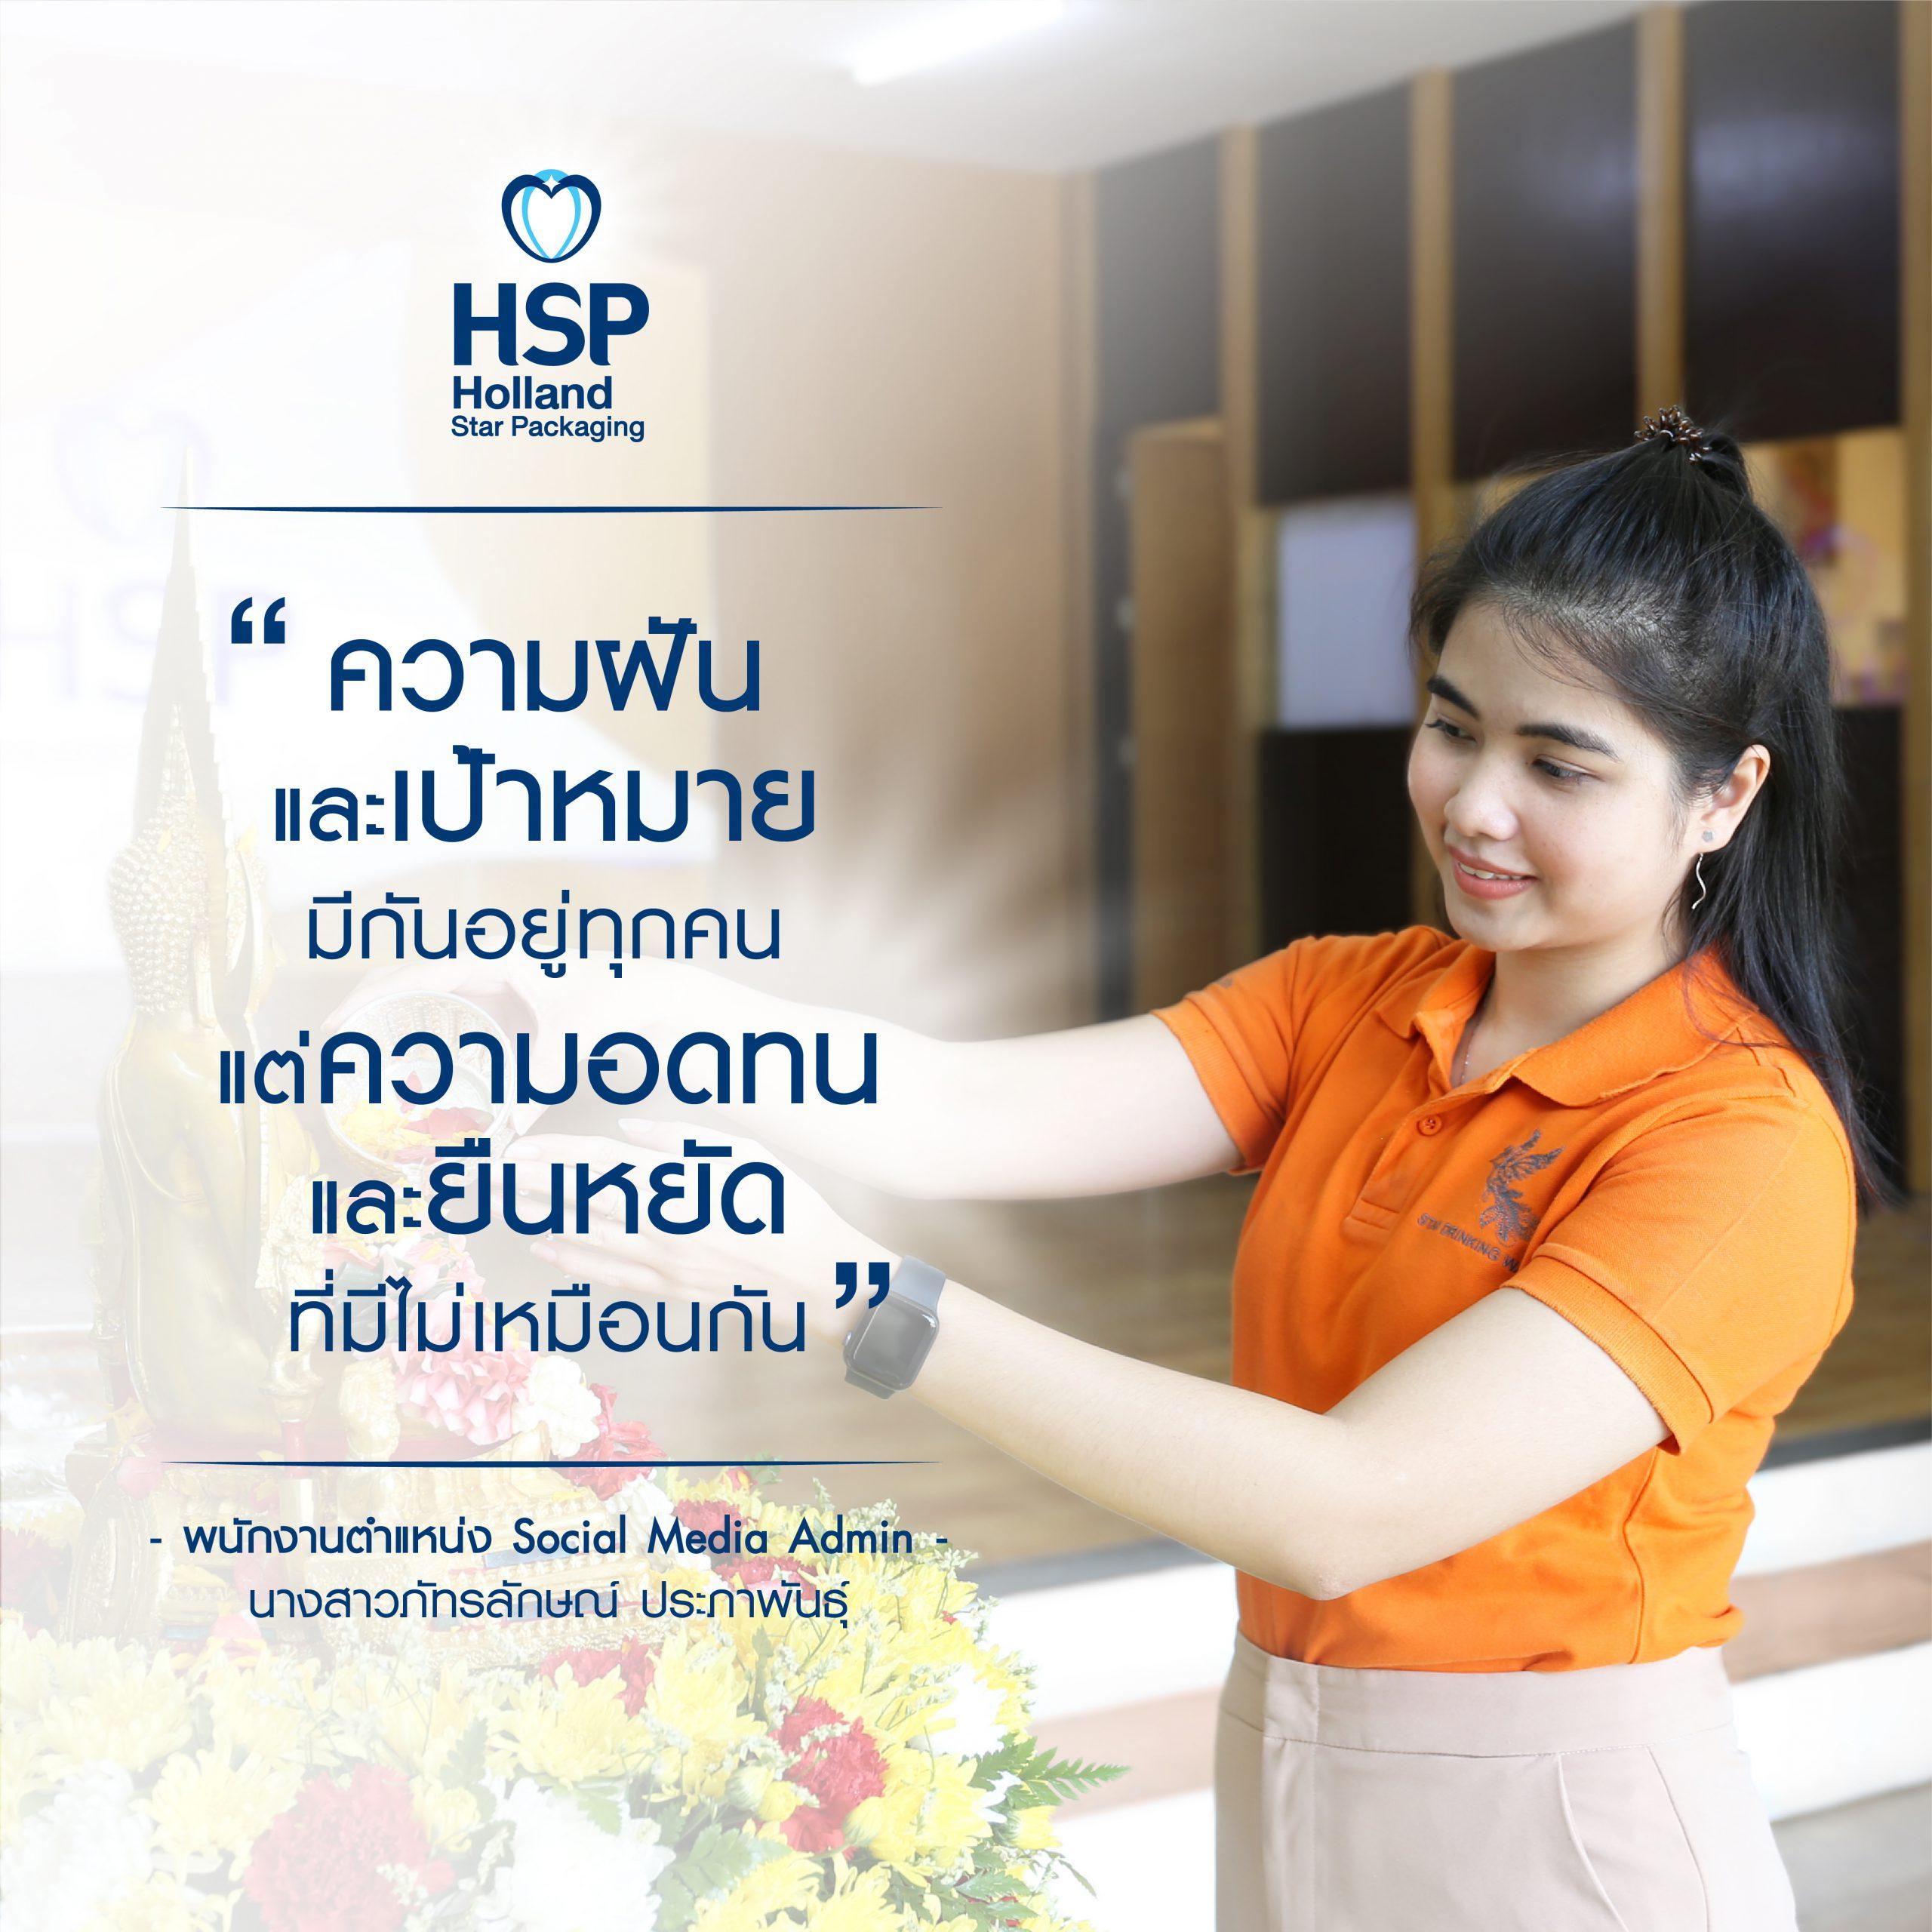 hsp-motto-35-hsppackaging-oem-water